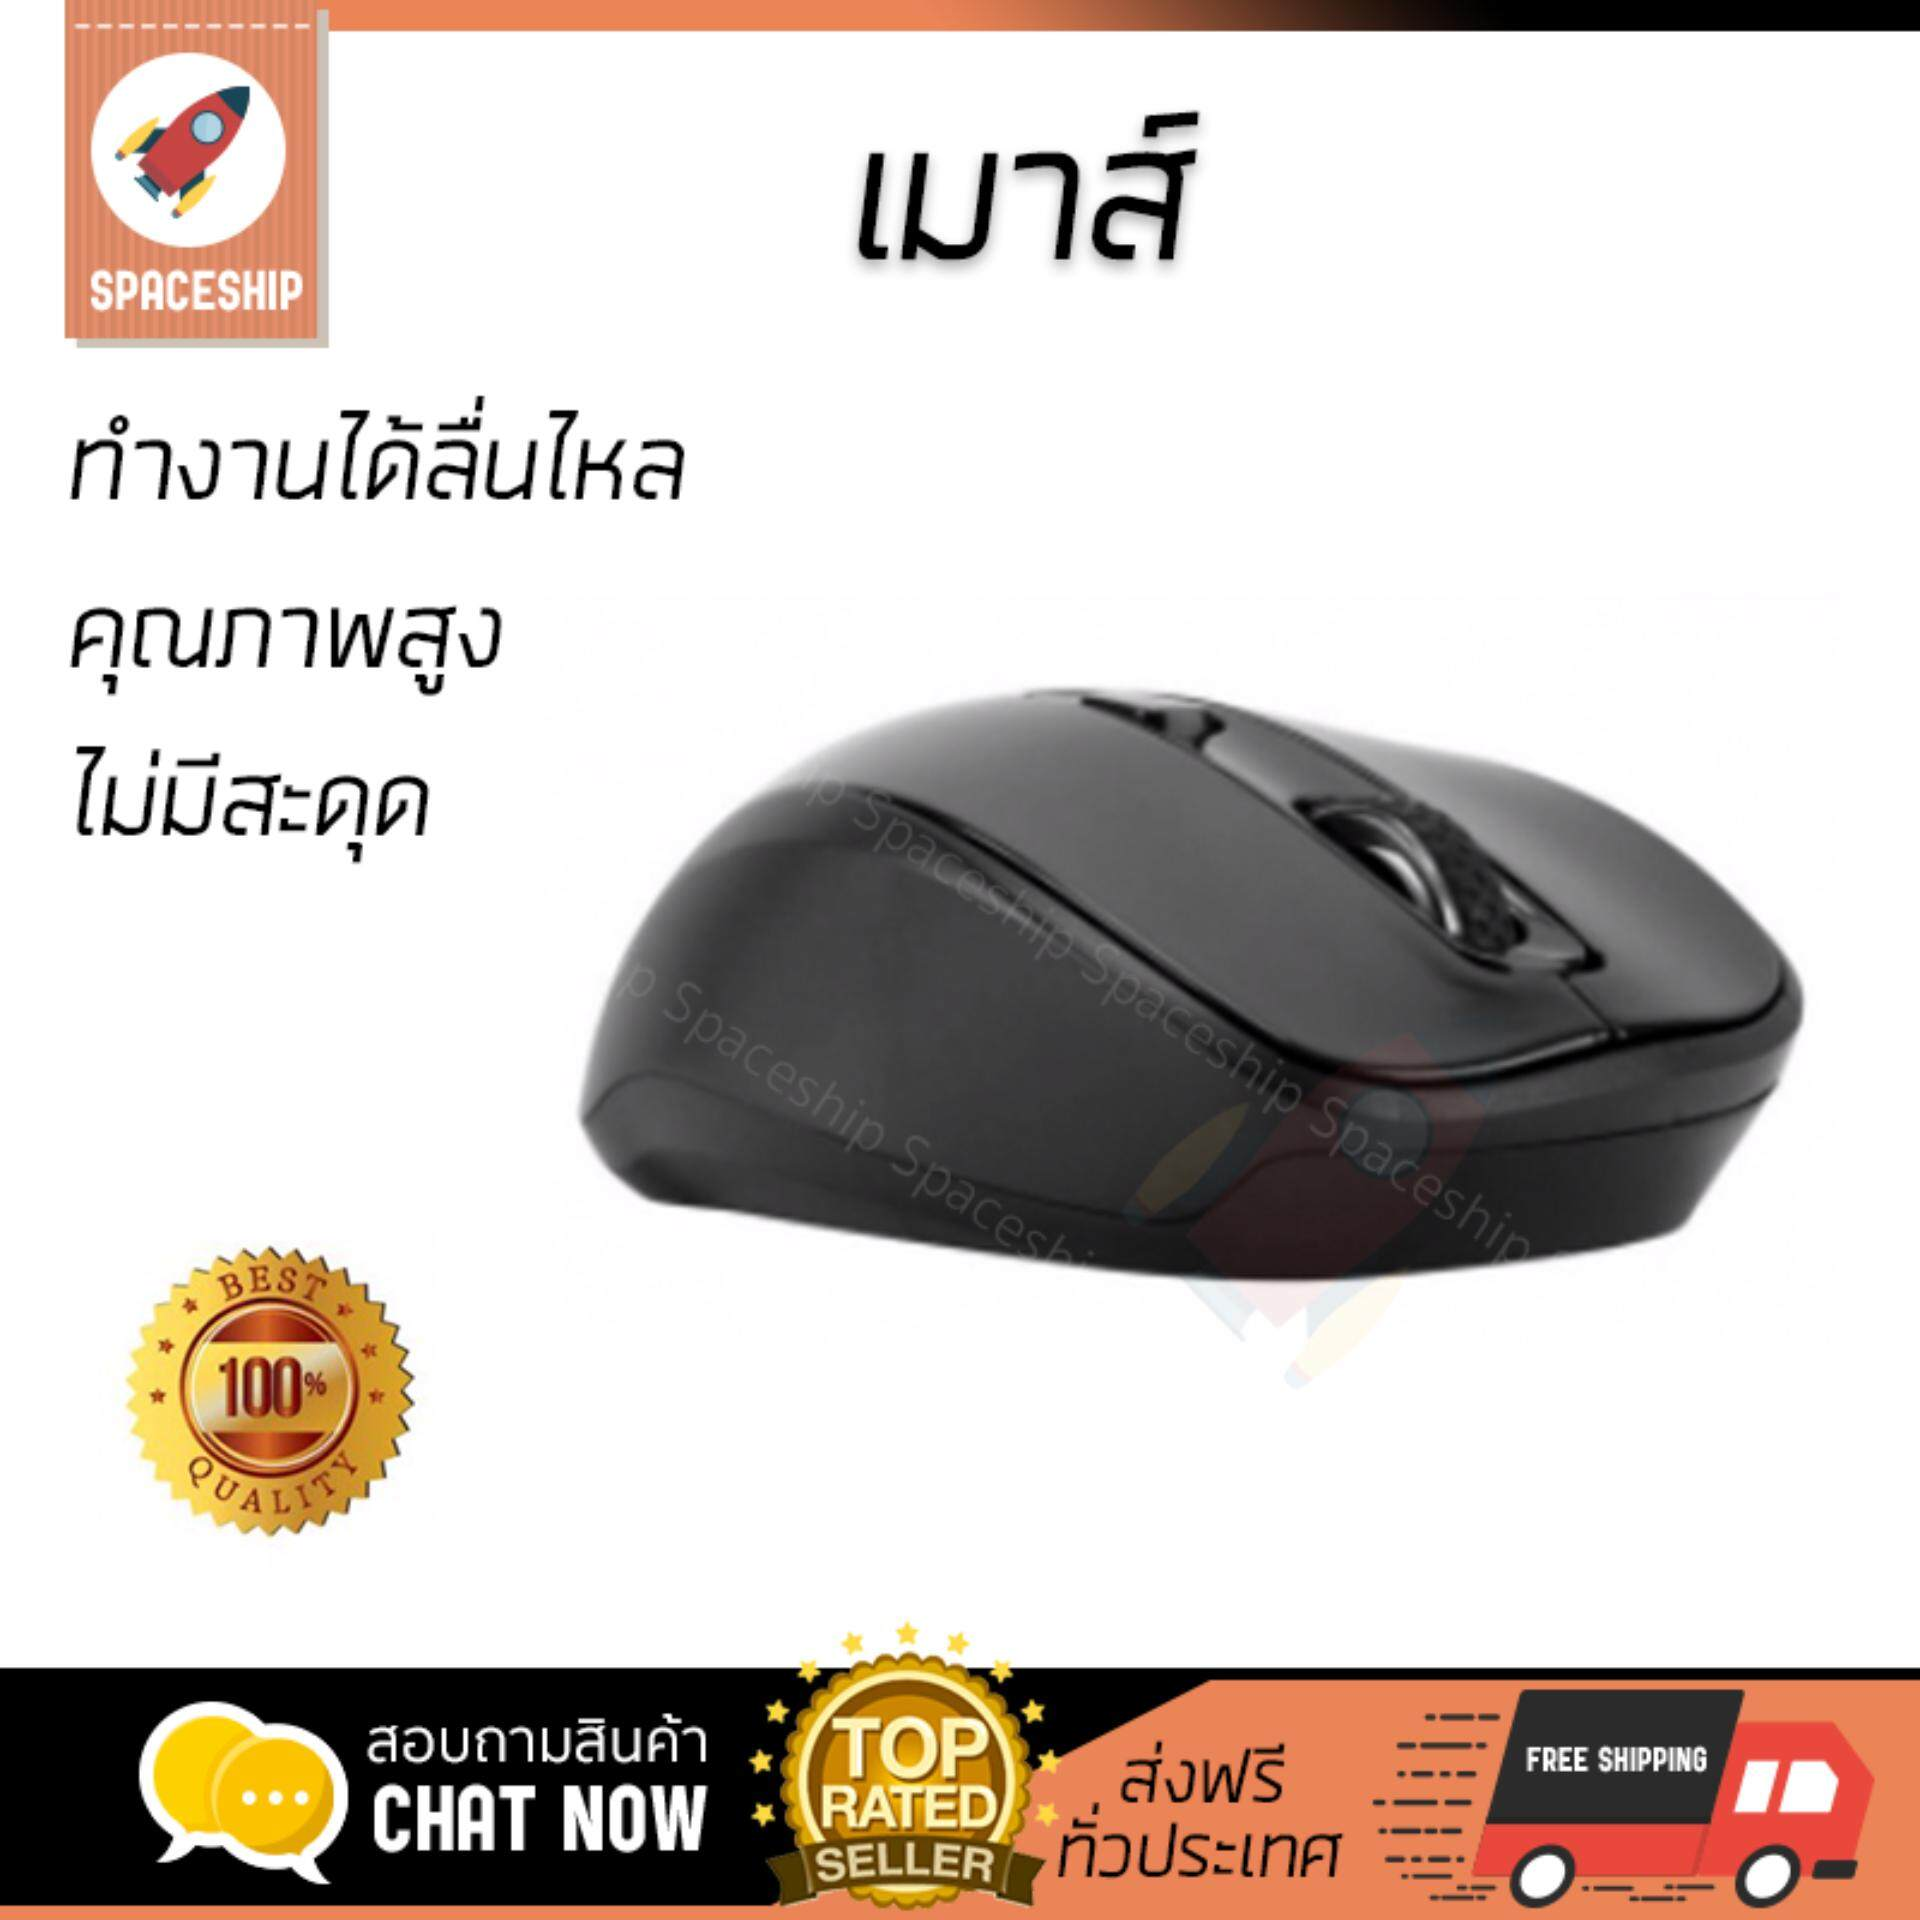 รุ่นใหม่ล่าสุด เมาส์           TARGUS Wireless Mouse (Black) AMW605AP             เซนเซอร์คุณภาพสูง ทำงานได้ลื่นไหล ไม่มีสะดุด Computer Mouse  รับประกันสินค้า 1 ปี จัดส่งฟรี Kerry ทั่วประเทศ